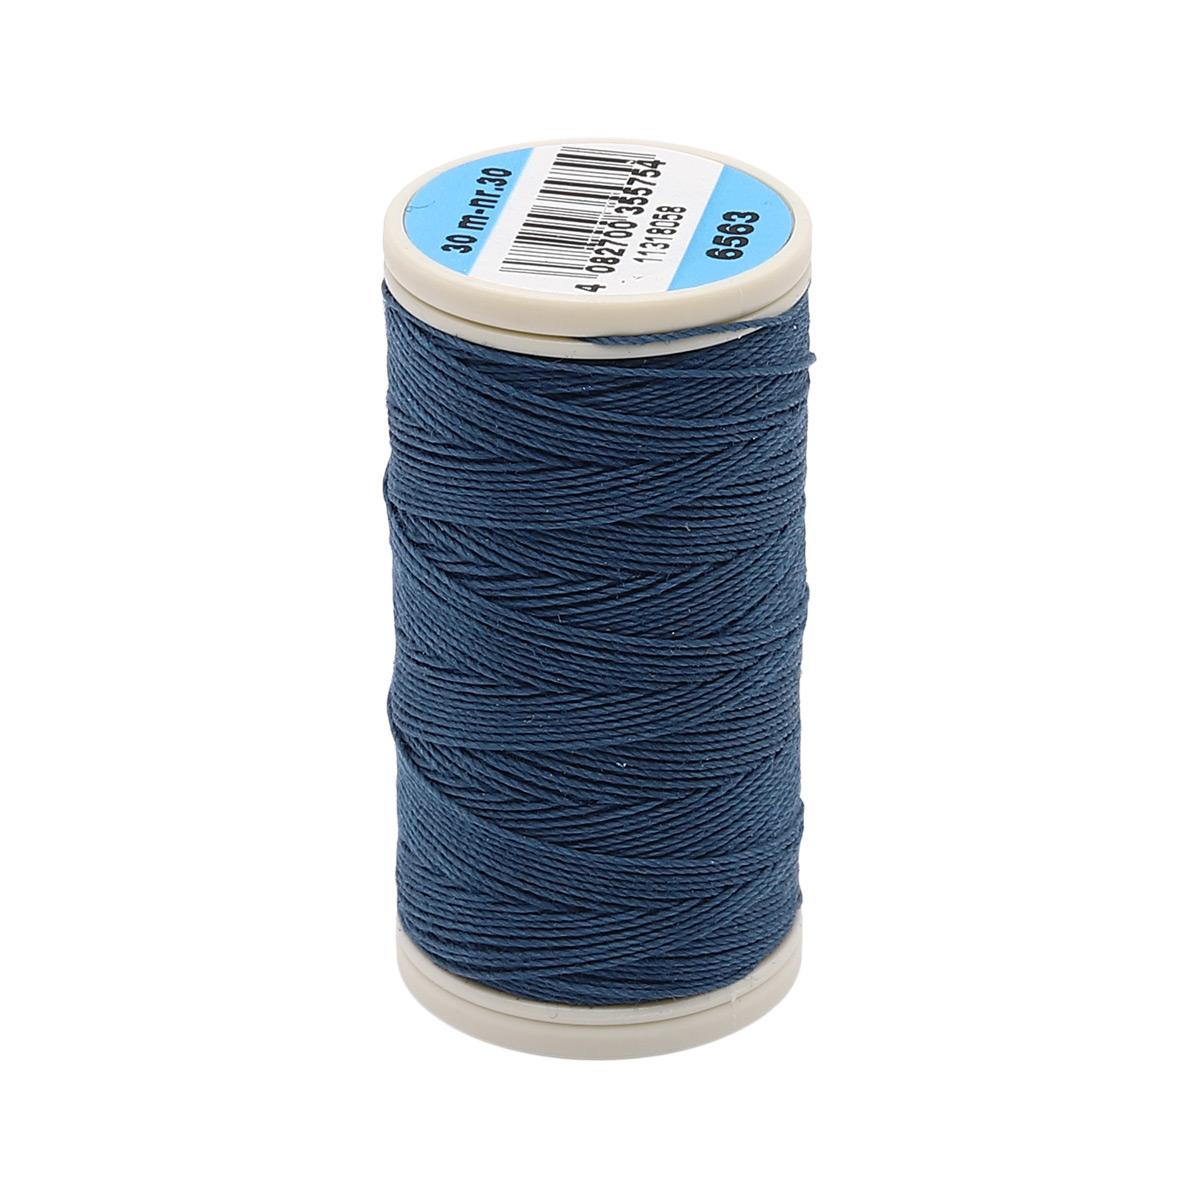 4642030-06563 Нитки швейные Coats Duet 30 м.